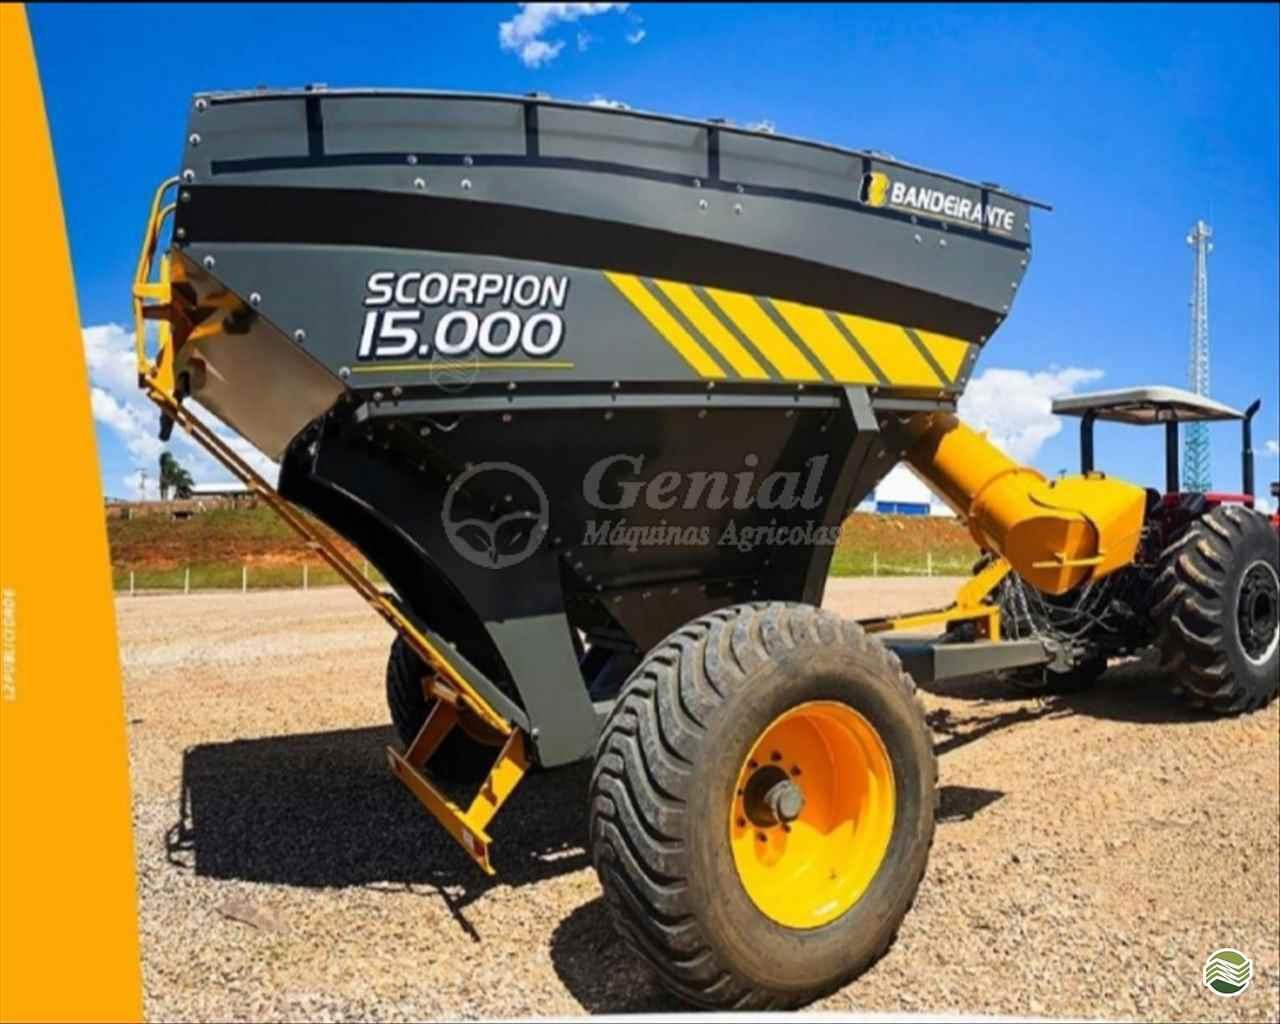 IMPLEMENTOS AGRICOLAS CARRETA BAZUKA GRANELEIRA 18000 Genial Máquinas DOURADOS MATO GROSSO DO SUL MS